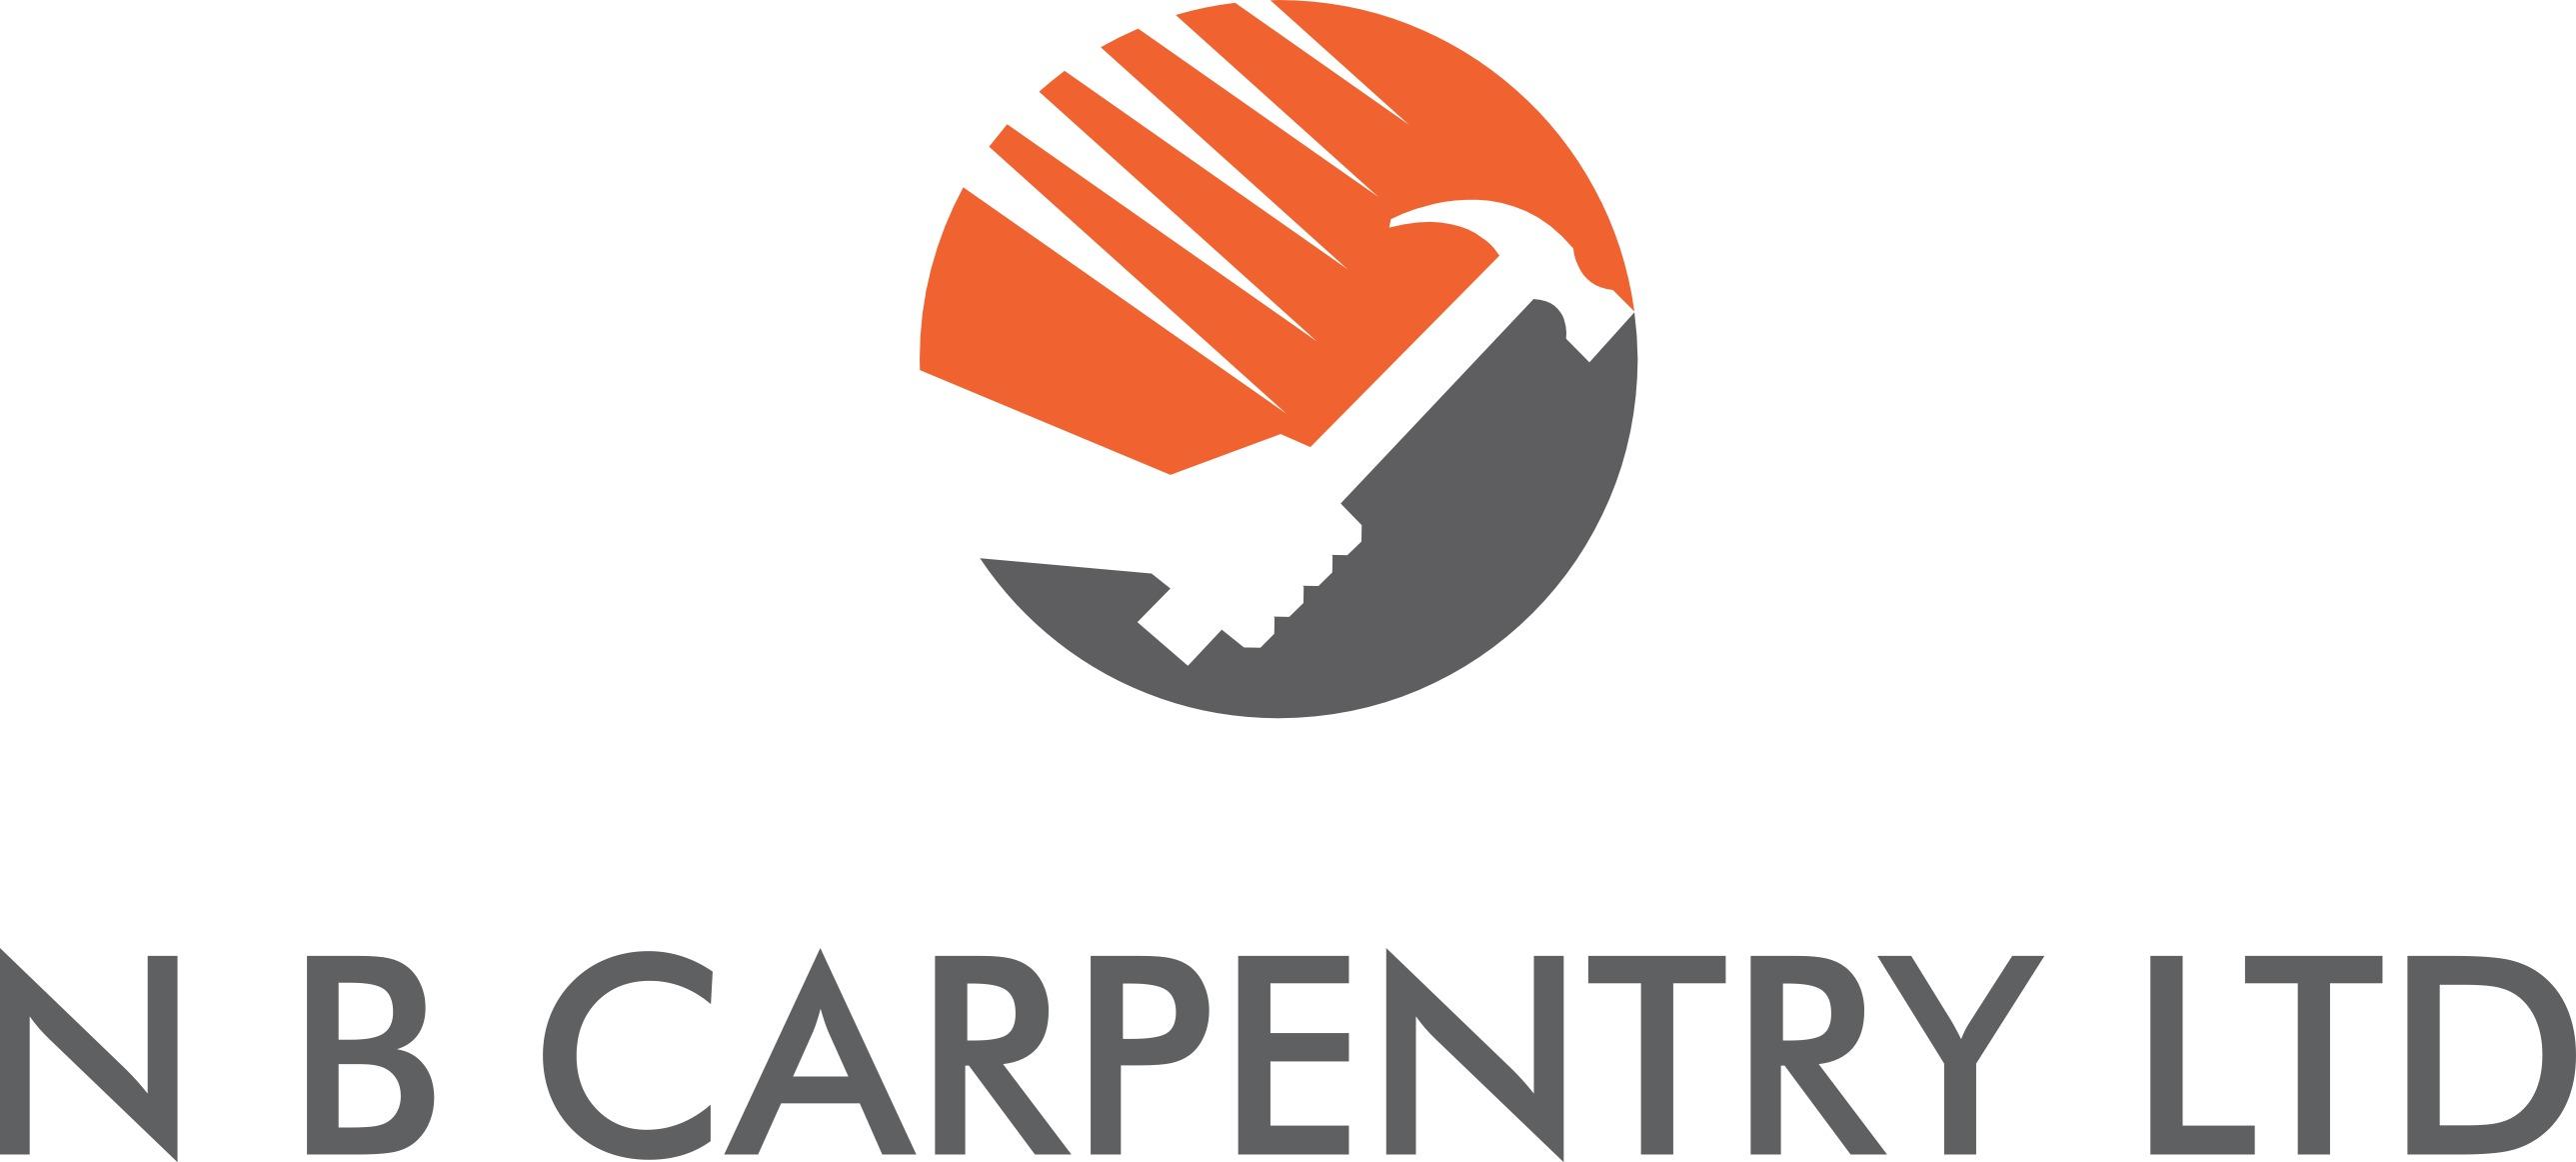 N B Carpentry Ltd Verified Logo